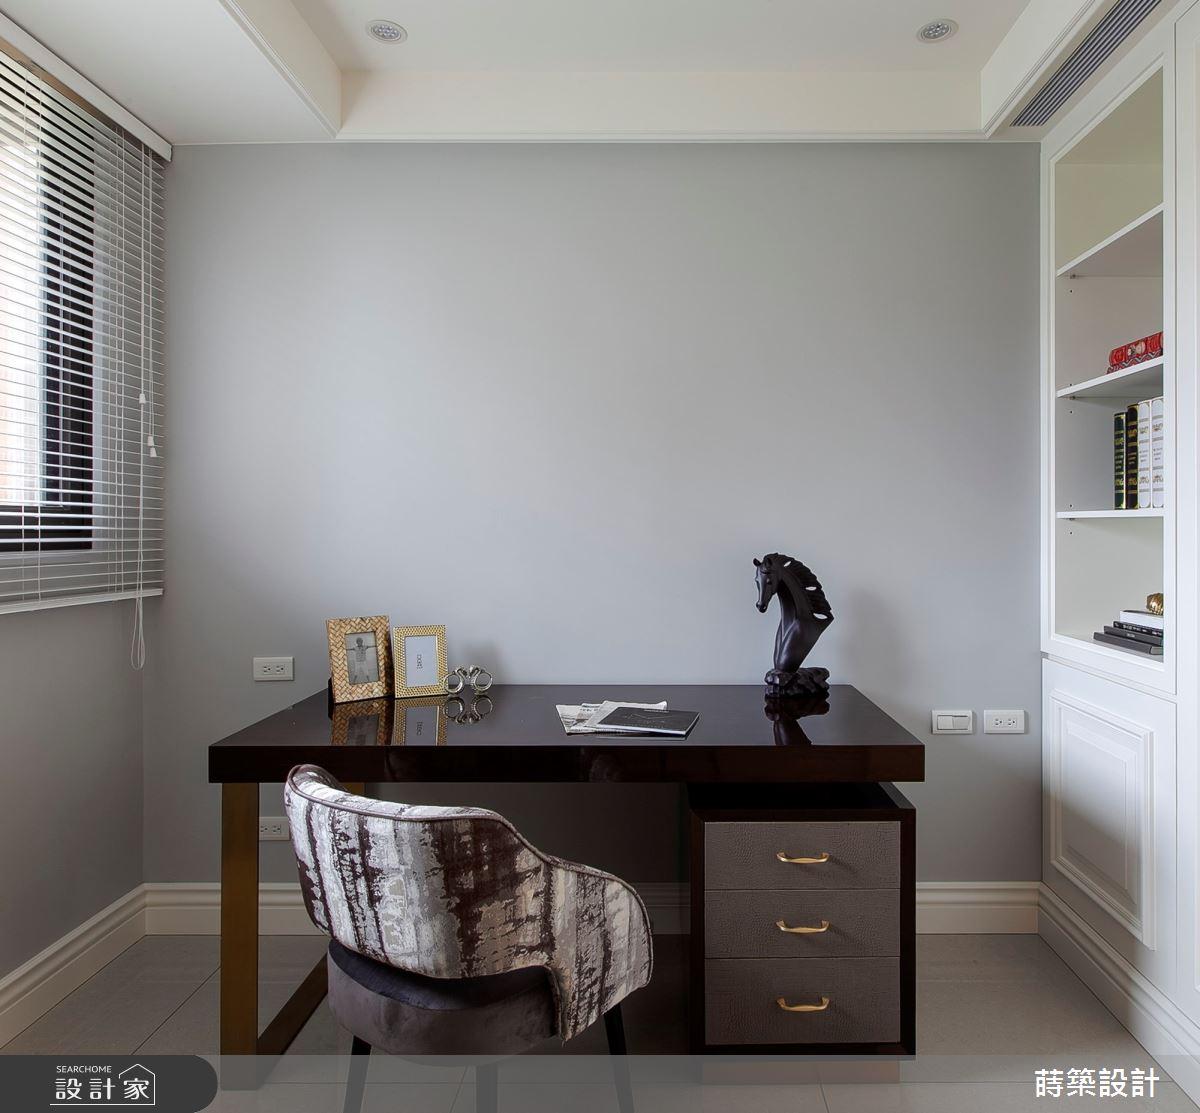 25坪新成屋(5年以下)_新古典案例圖片_蒔築設計有限公司_蒔築_48之13